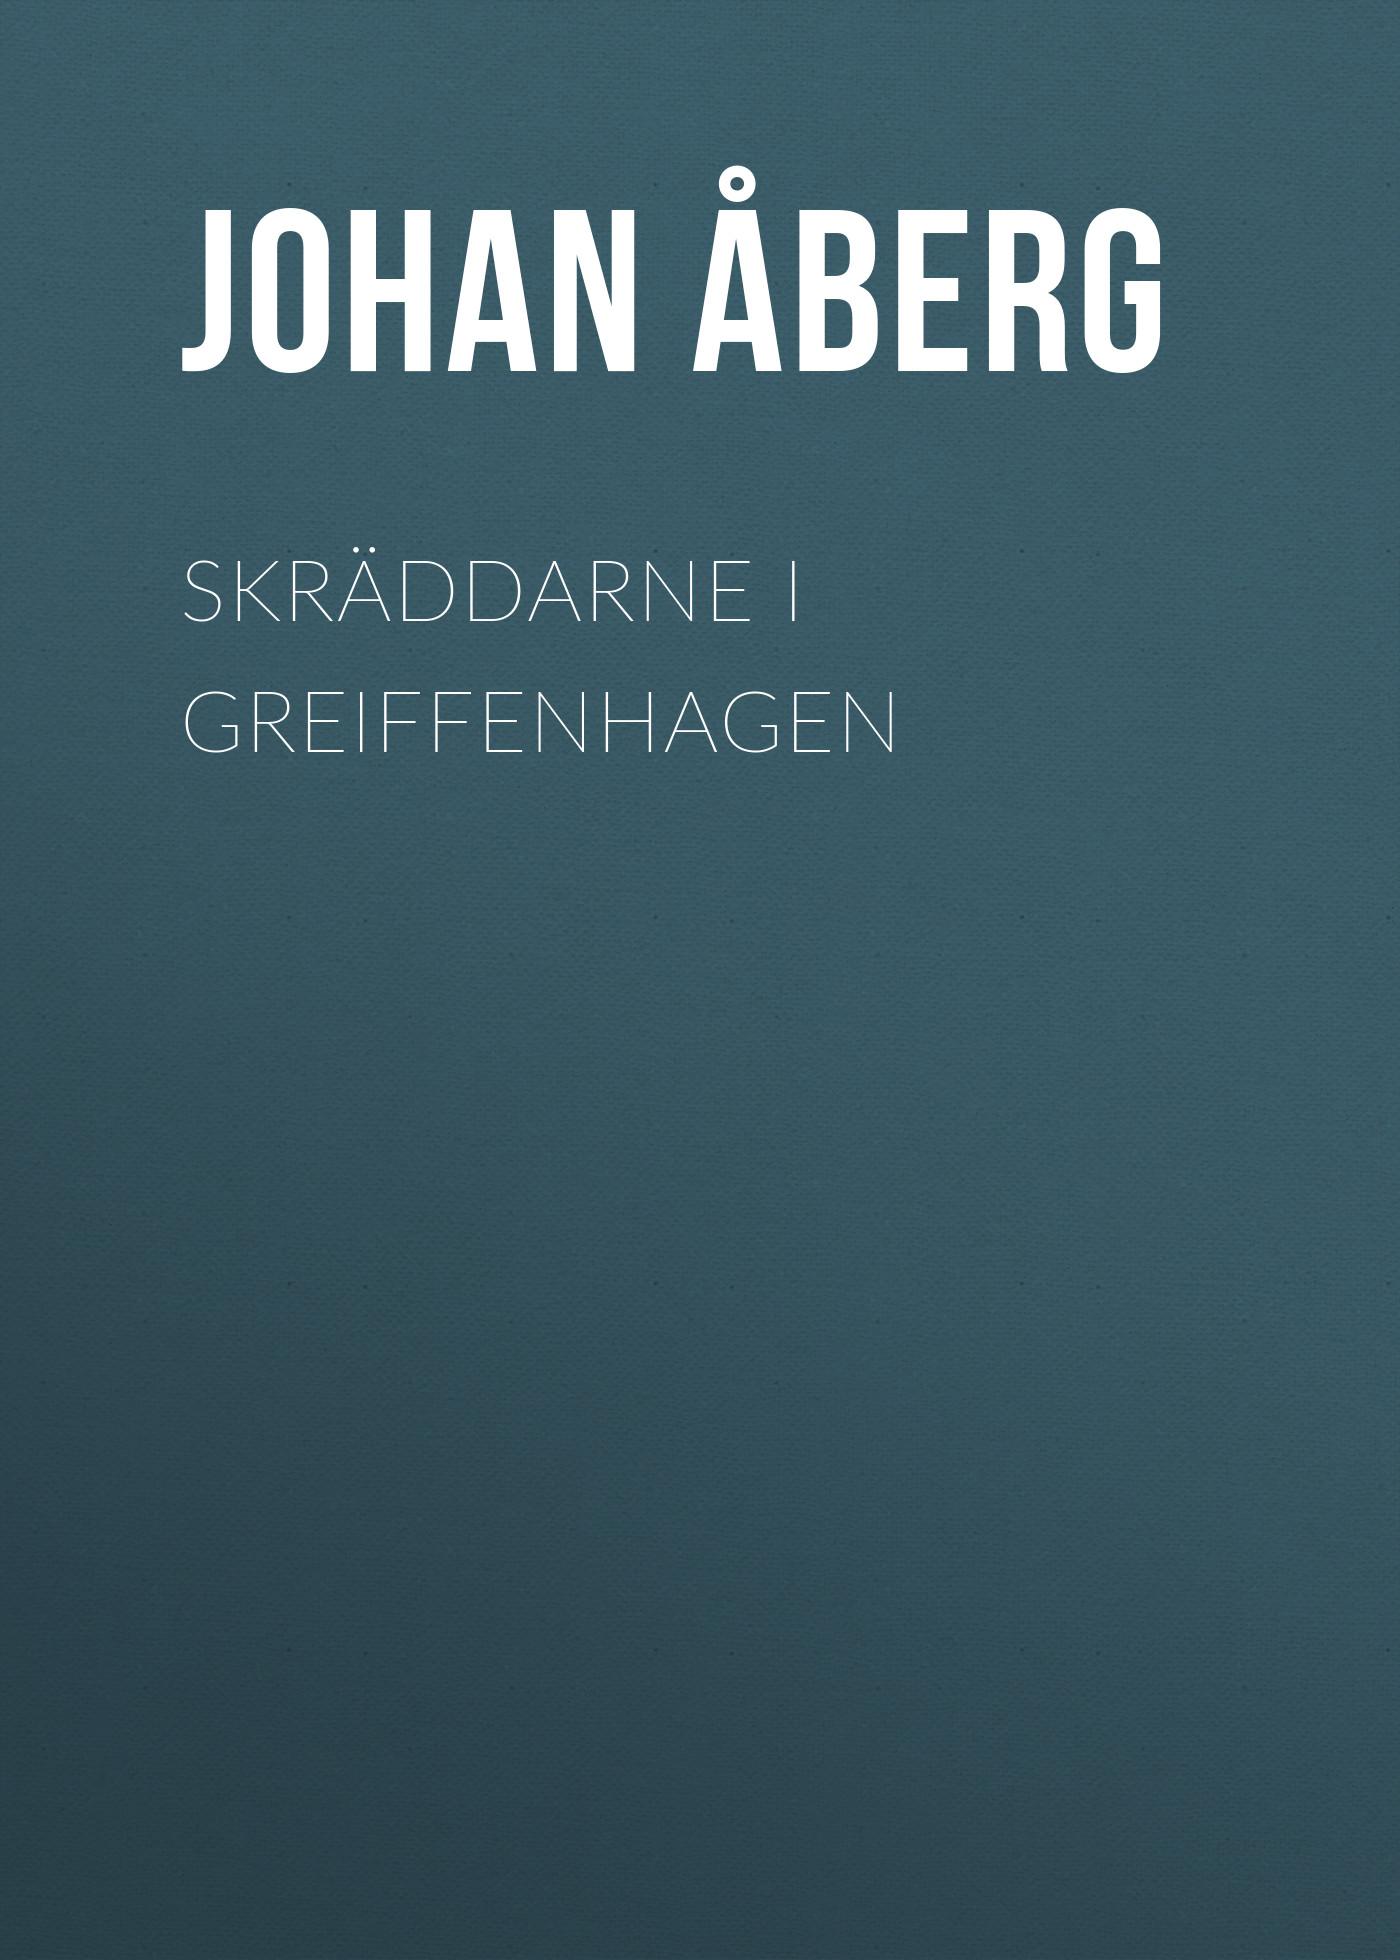 Åberg Johan Olof Skräddarne i Greiffenhagen åberg johan olof mjölnarflickan vid lützen page 2